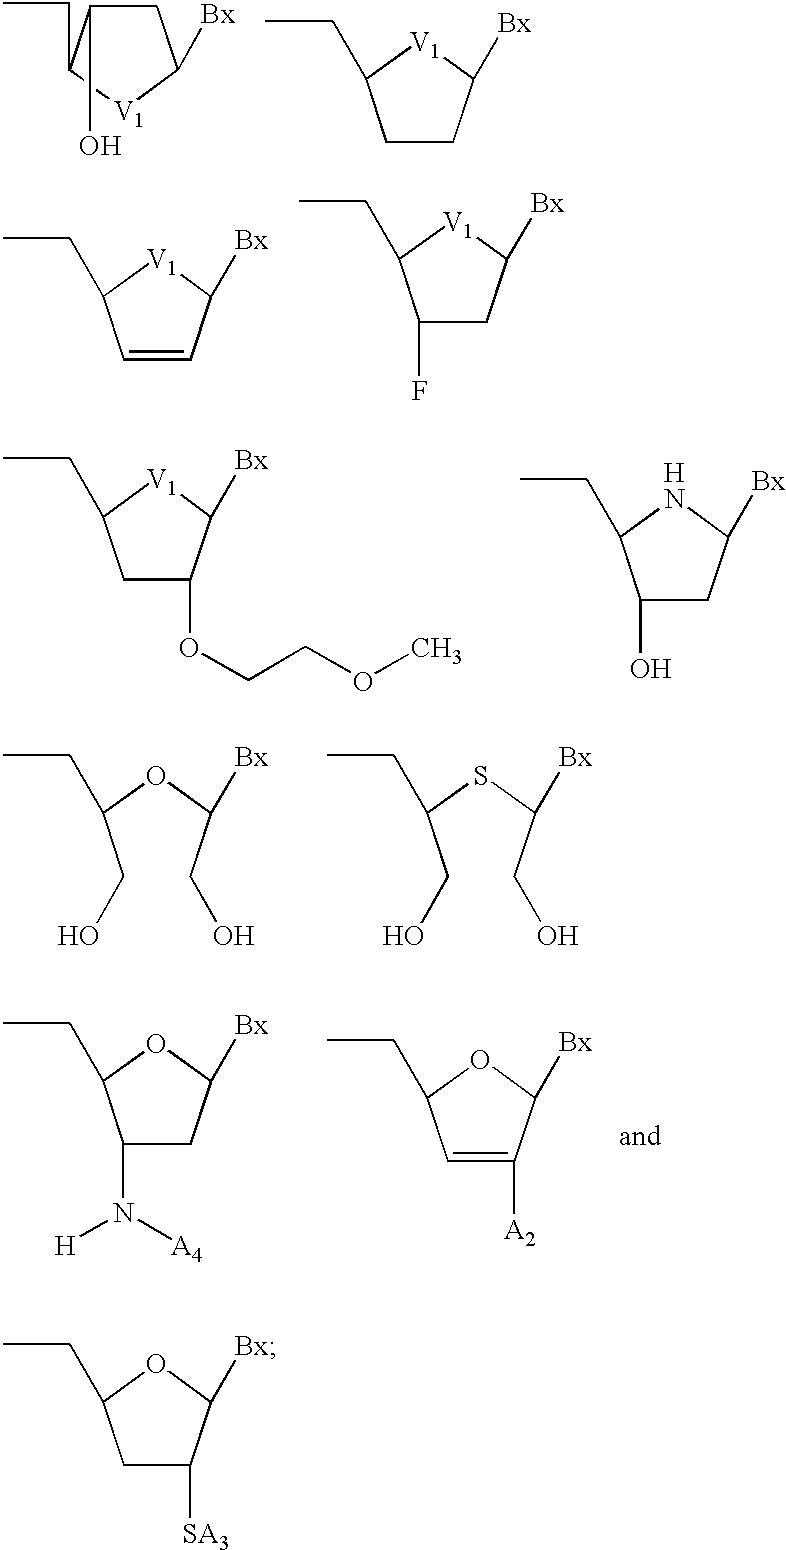 Figure US20030158403A1-20030821-C00079